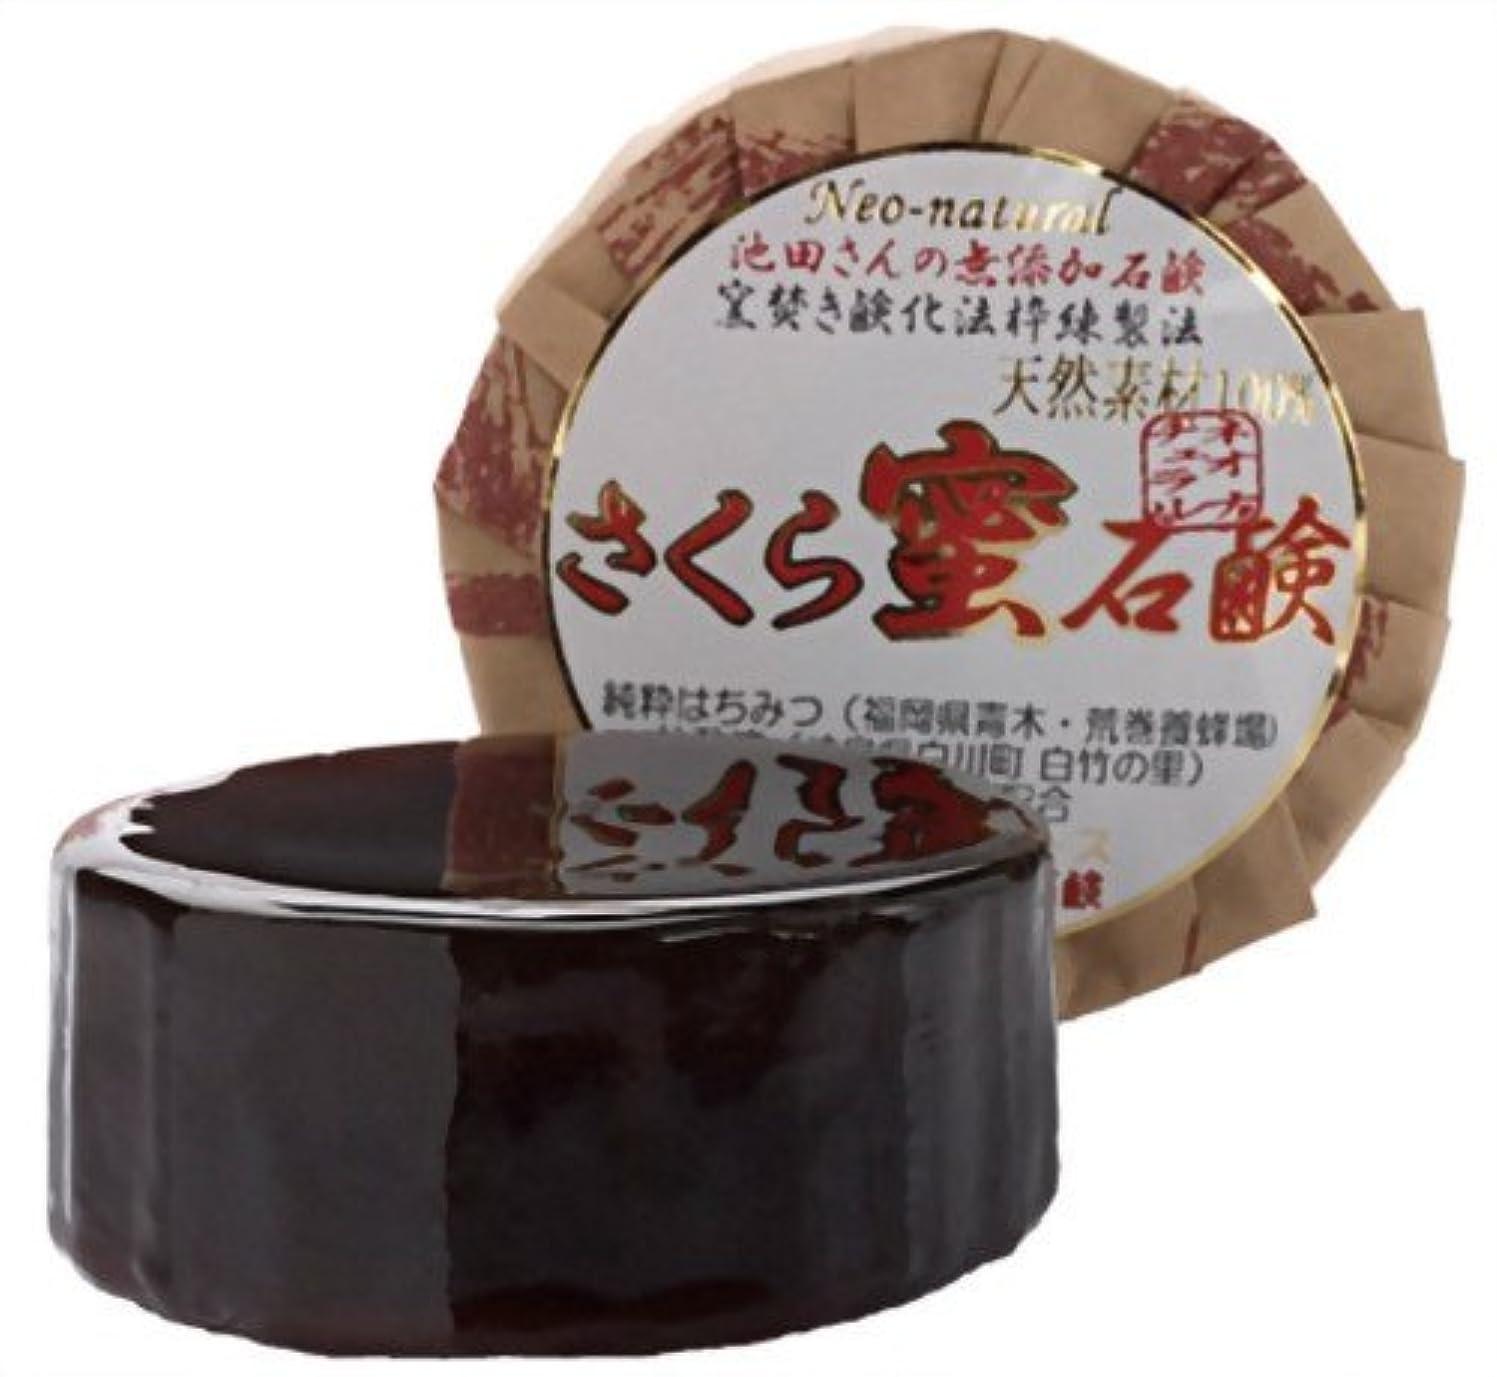 農業洗剤レイアネオナチュラル 池田さんのさくら蜜石鹸 105g